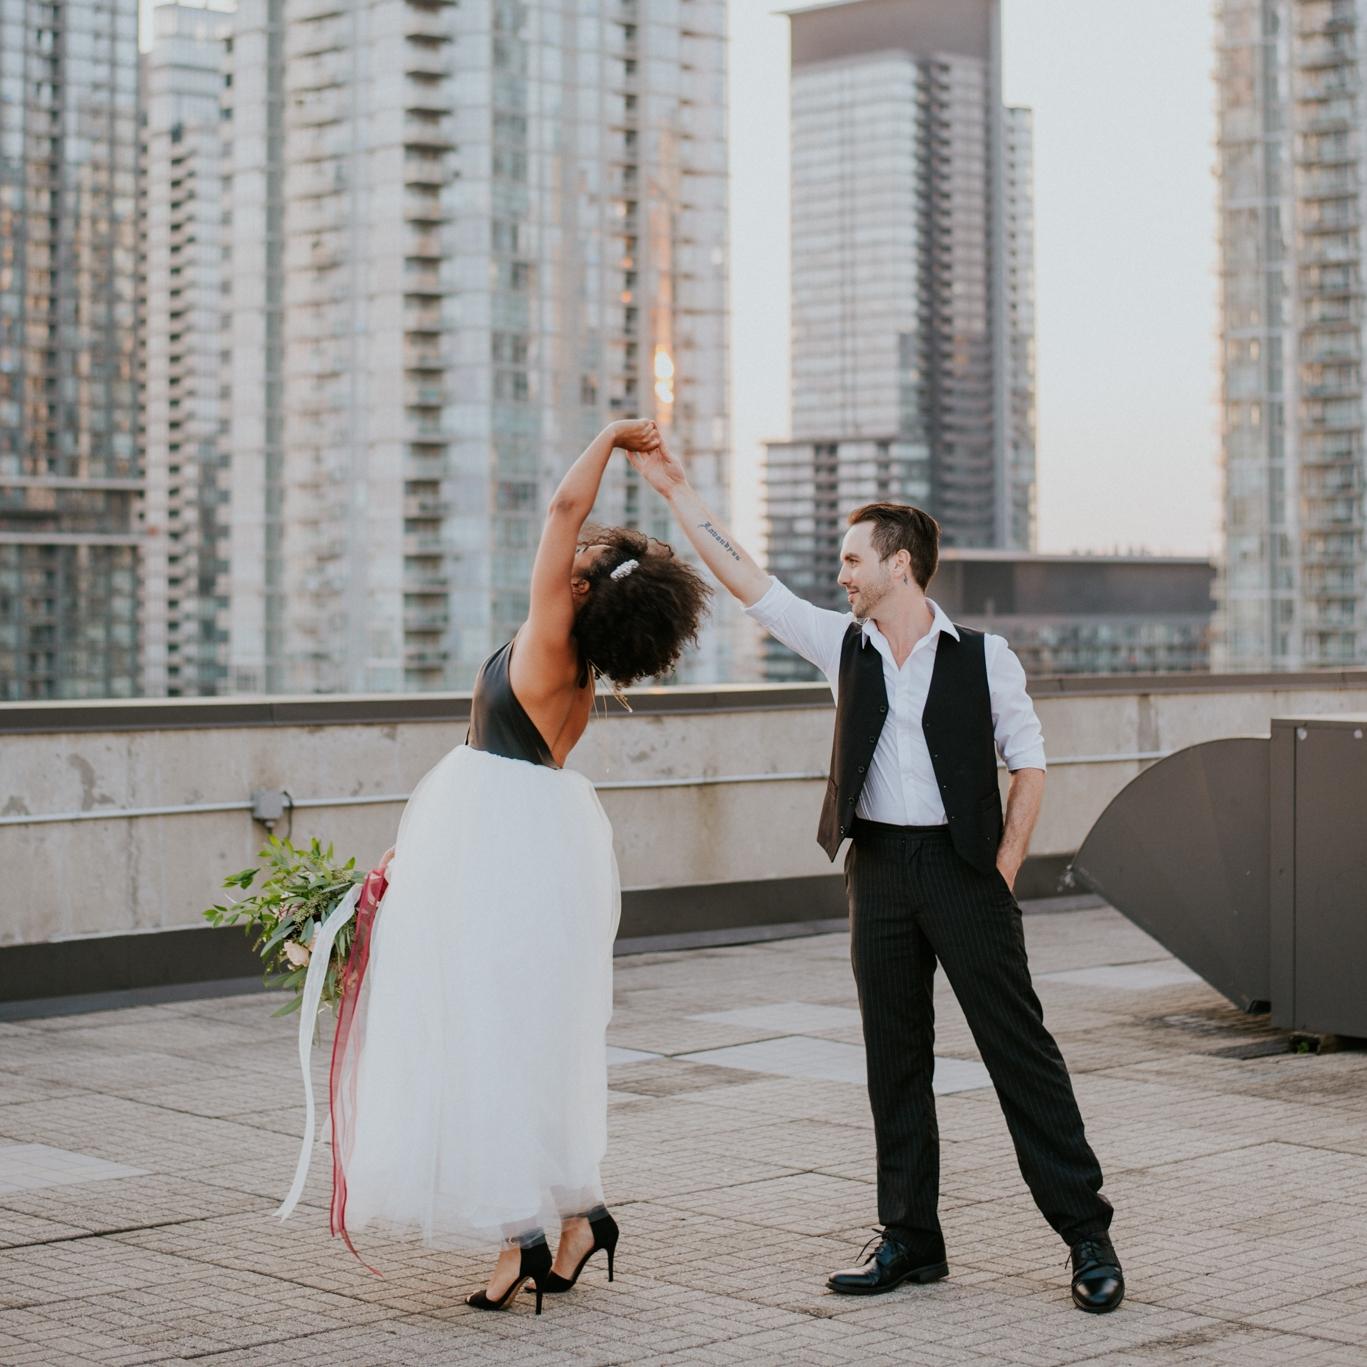 wedding-photography-toronto-demoiselle-photography-21.jpg